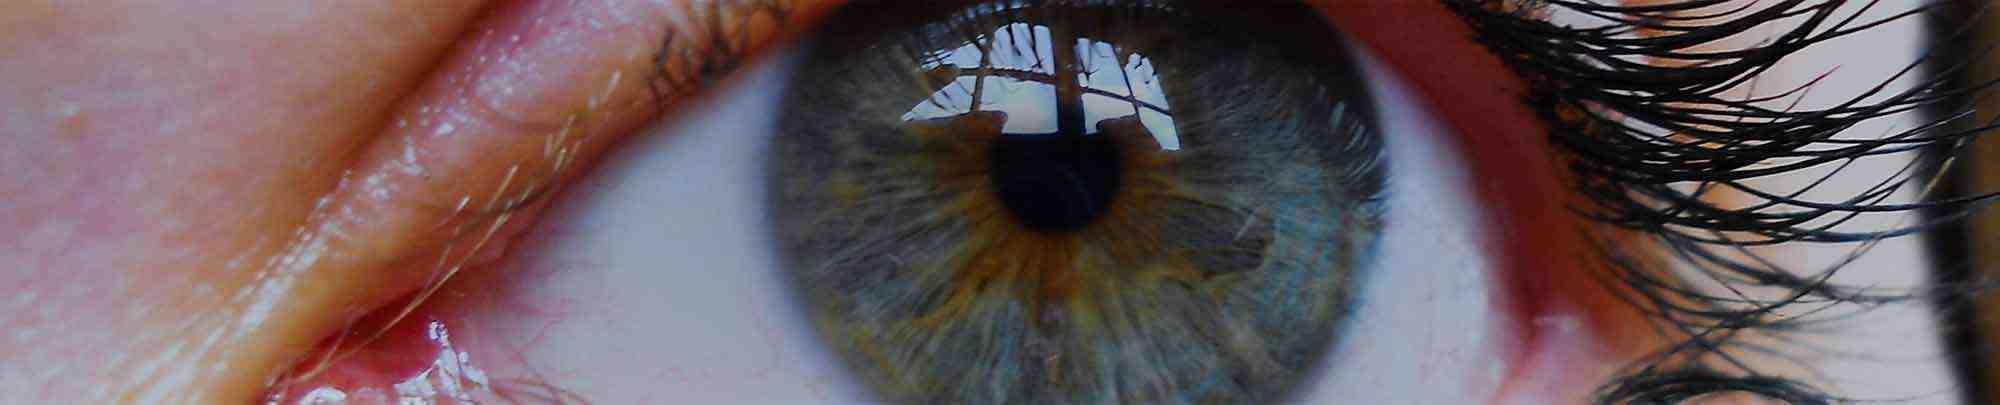 Zbliżenie na błękitne kobiece oko